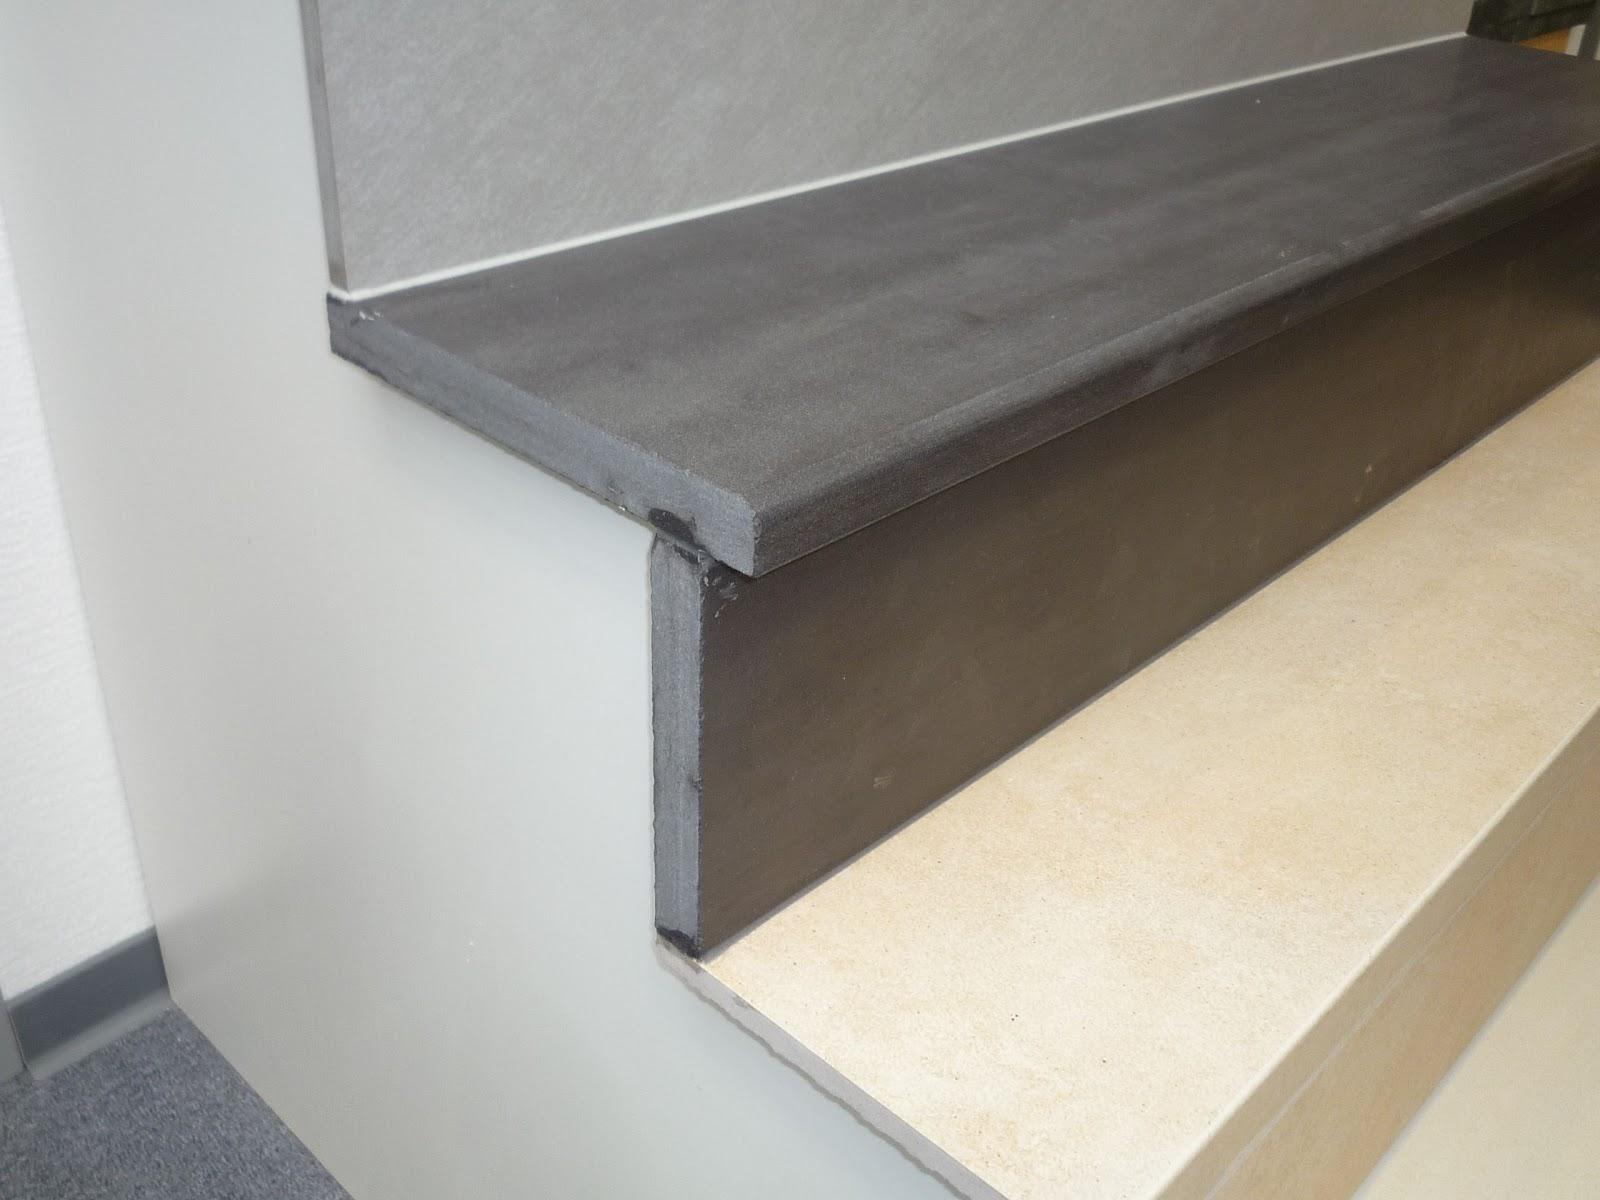 treppe fliesen kante fliesen abschlussleiste edelstahl iz18 hitoiro treppen berechnen zeichnen. Black Bedroom Furniture Sets. Home Design Ideas